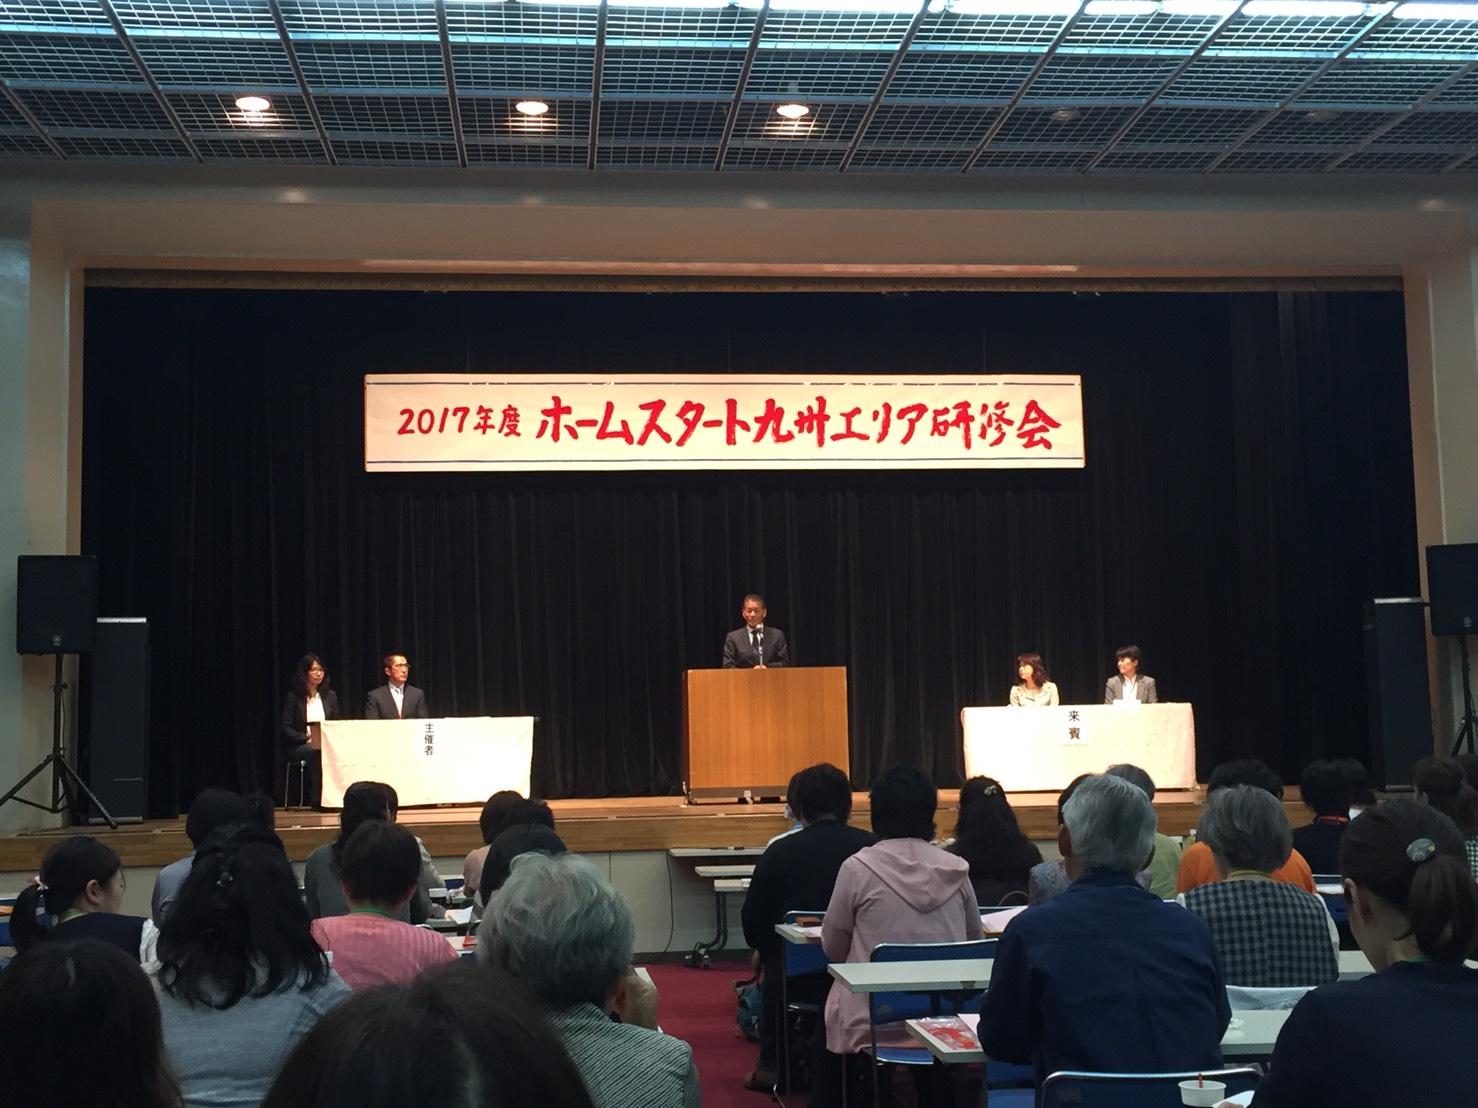 ホームスタート九州エリア研修会に参加しました。